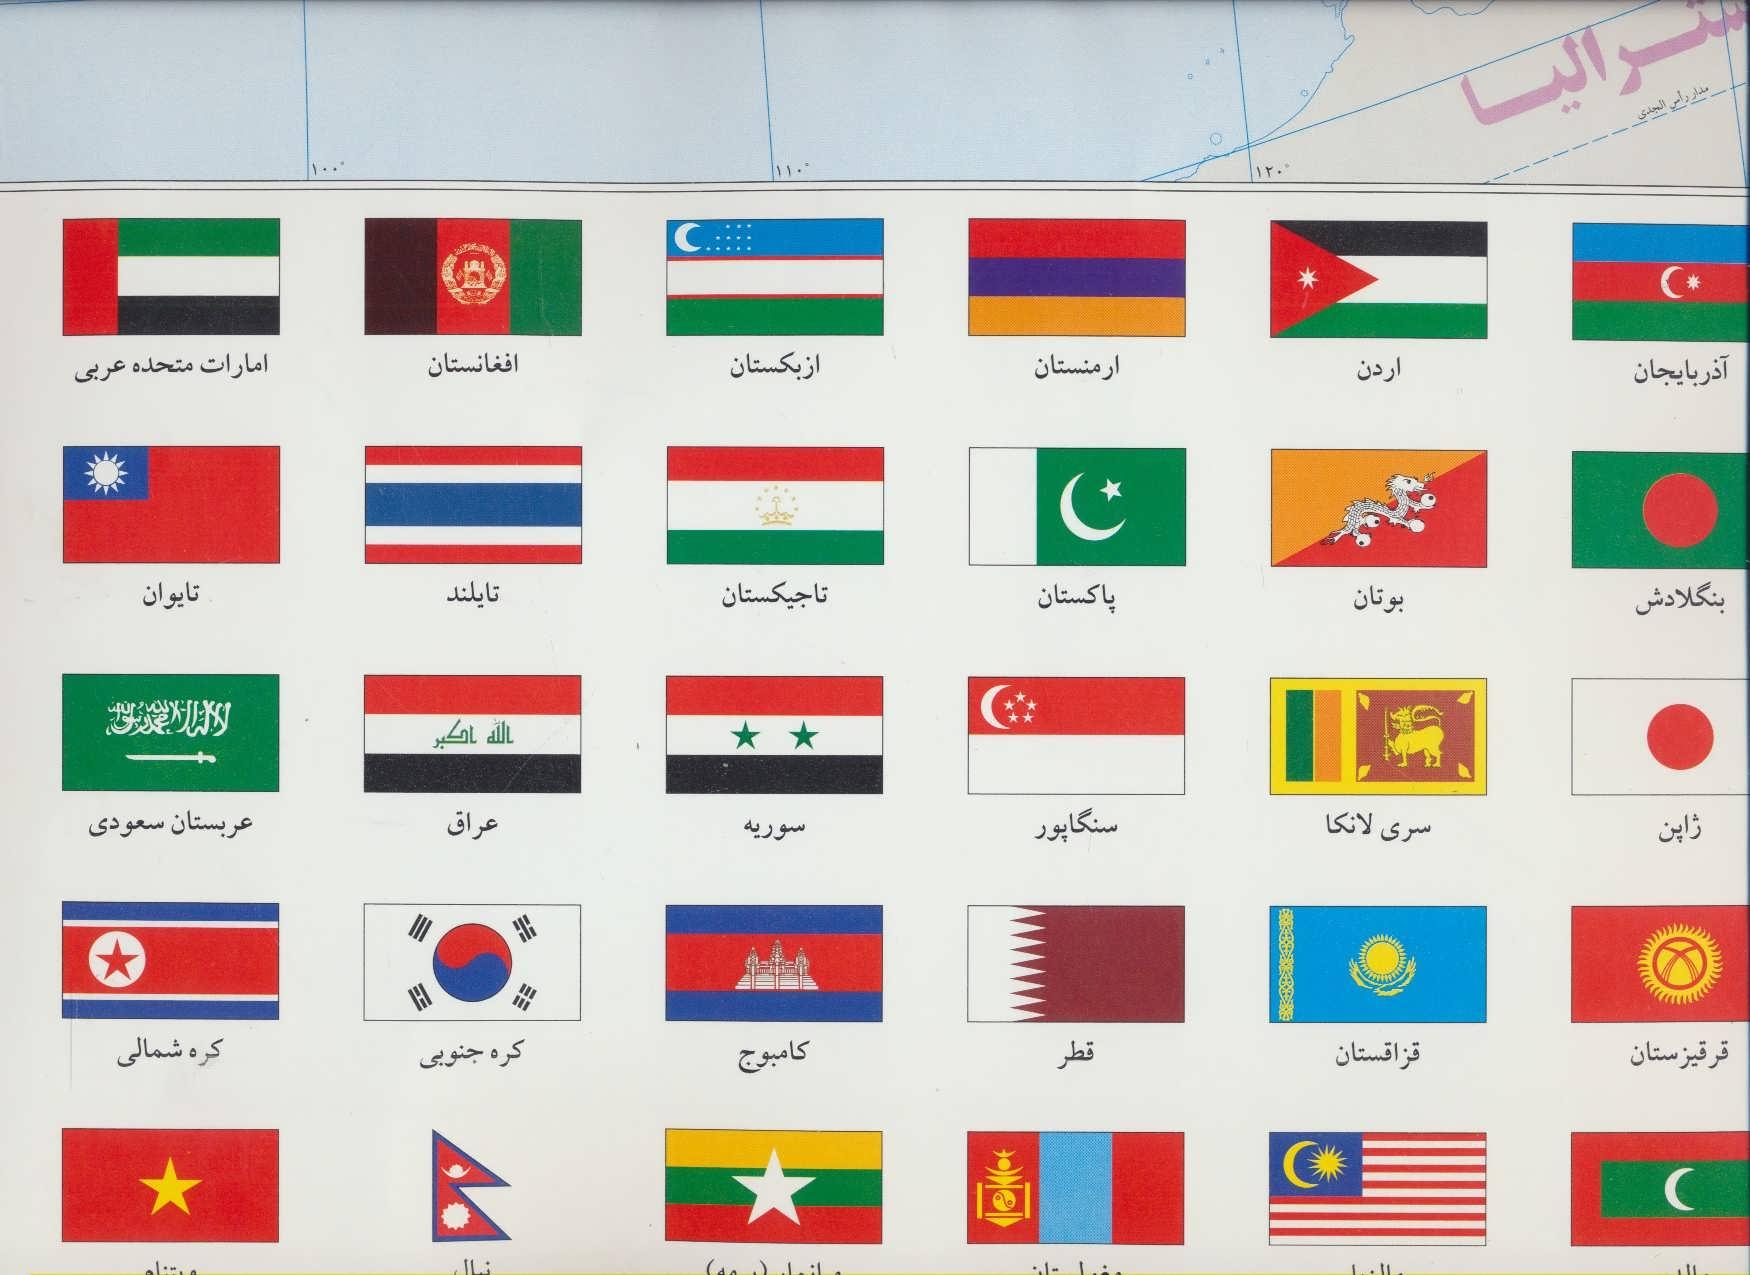 نقشه سیاسی آسیا کد 536 (گلاسه)